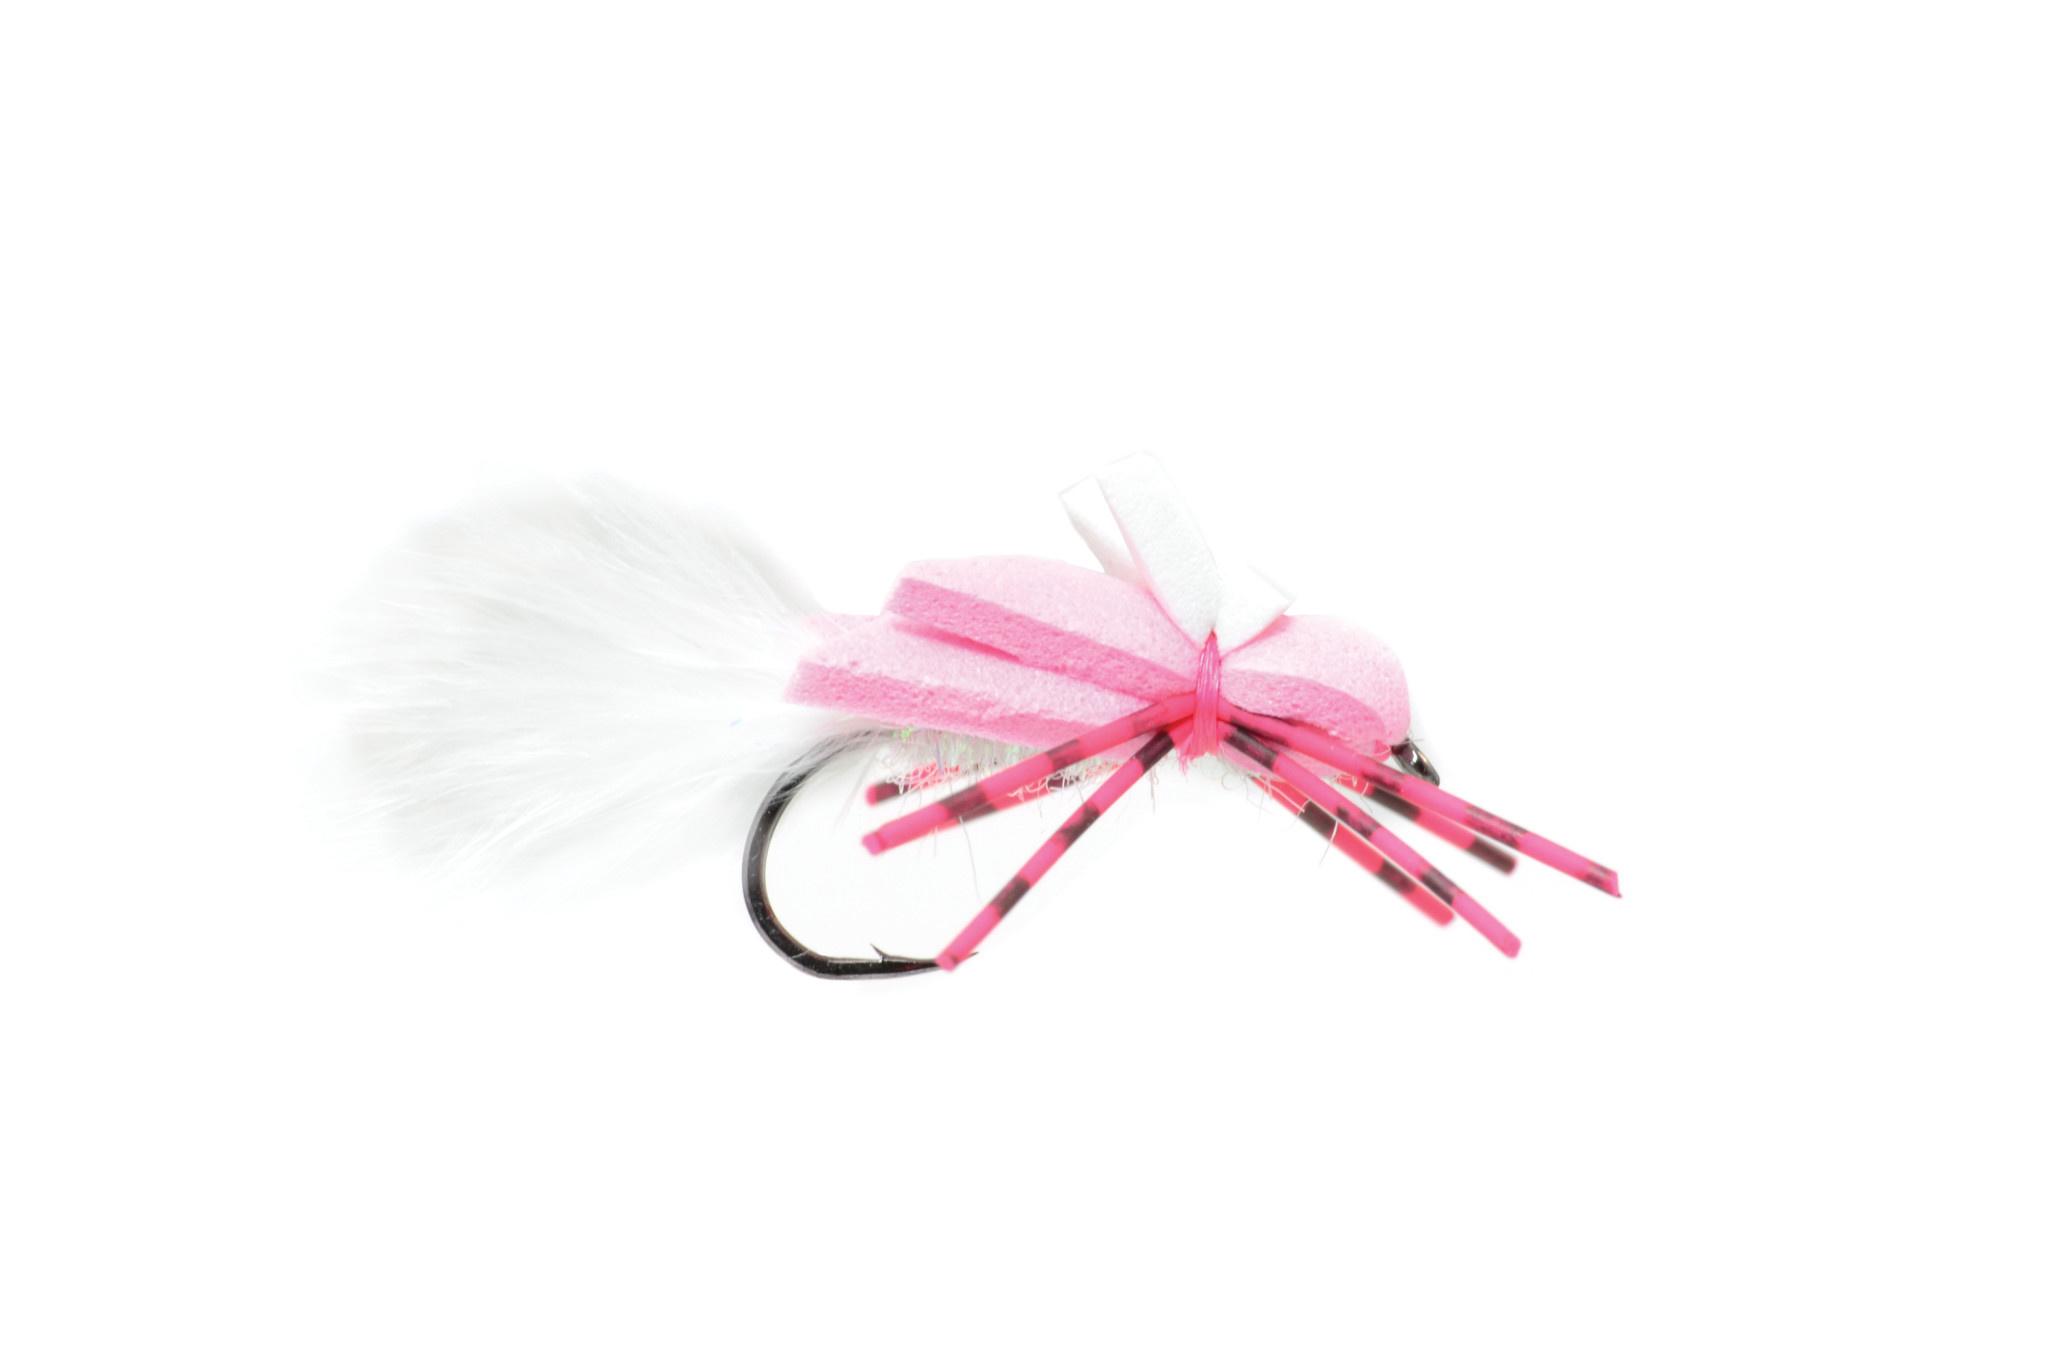 FM Transfoamer Pink S6  [Single]